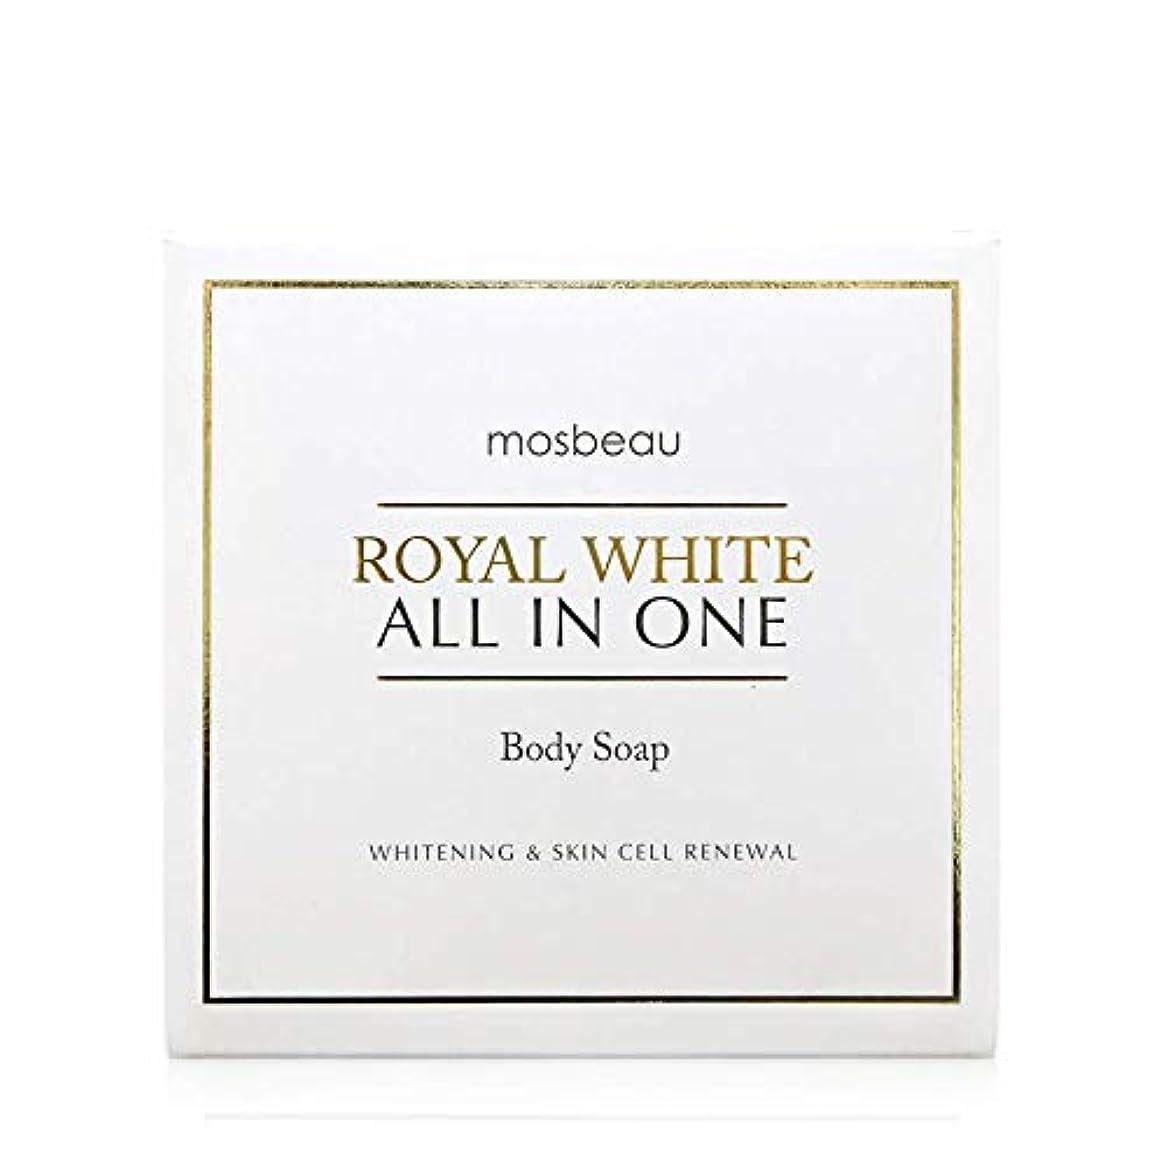 株式会社以上コンサルタントmosbeau ROYAL WHITE ALL-IN-ONE BODY SOAP 100g ロィヤルホワイトオールインワンボディーソープ